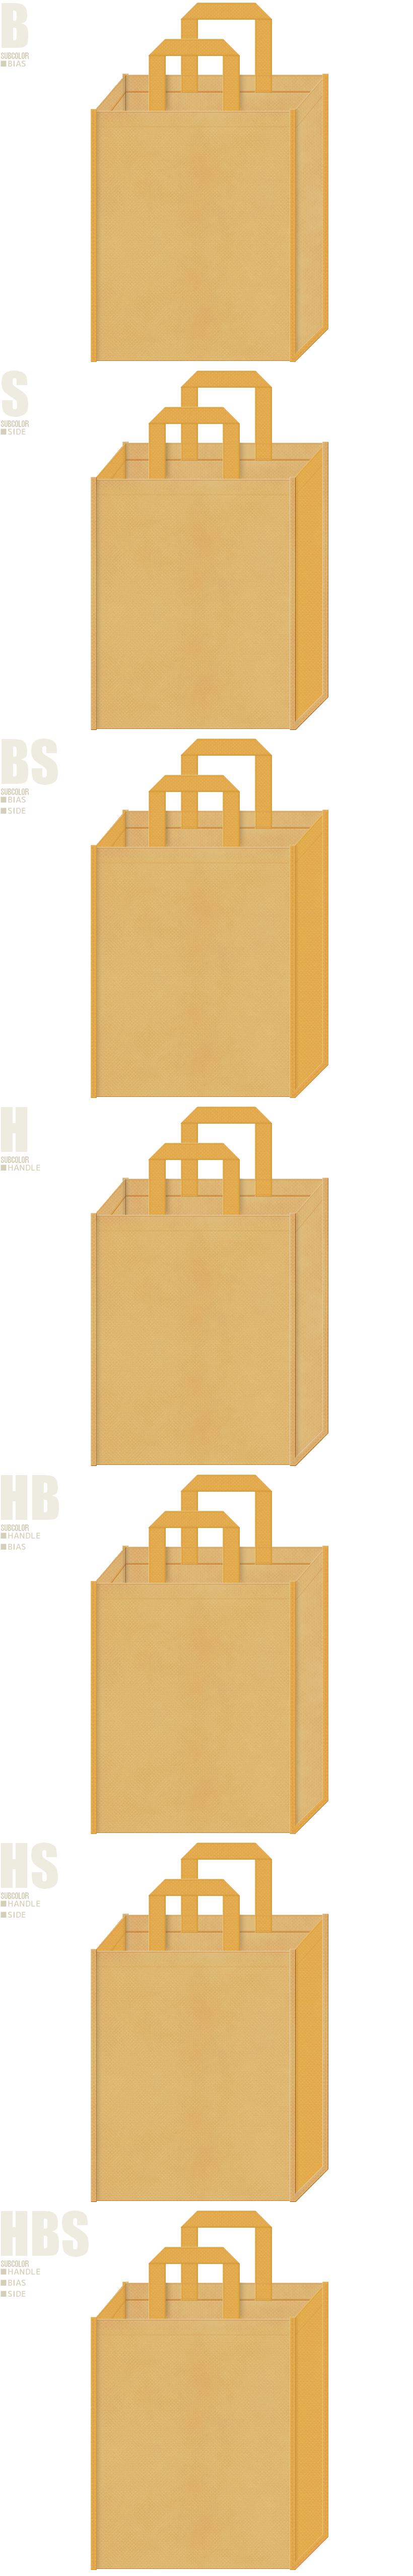 檜・芋焼酎・ビール・から揚げ・クッキー・お料理教室・菓子パン・ベーカリー・木工・工作教室・DIYのイベントにお奨めの不織布バッグデザイン:薄黄土色と黄土色の配色7パターン